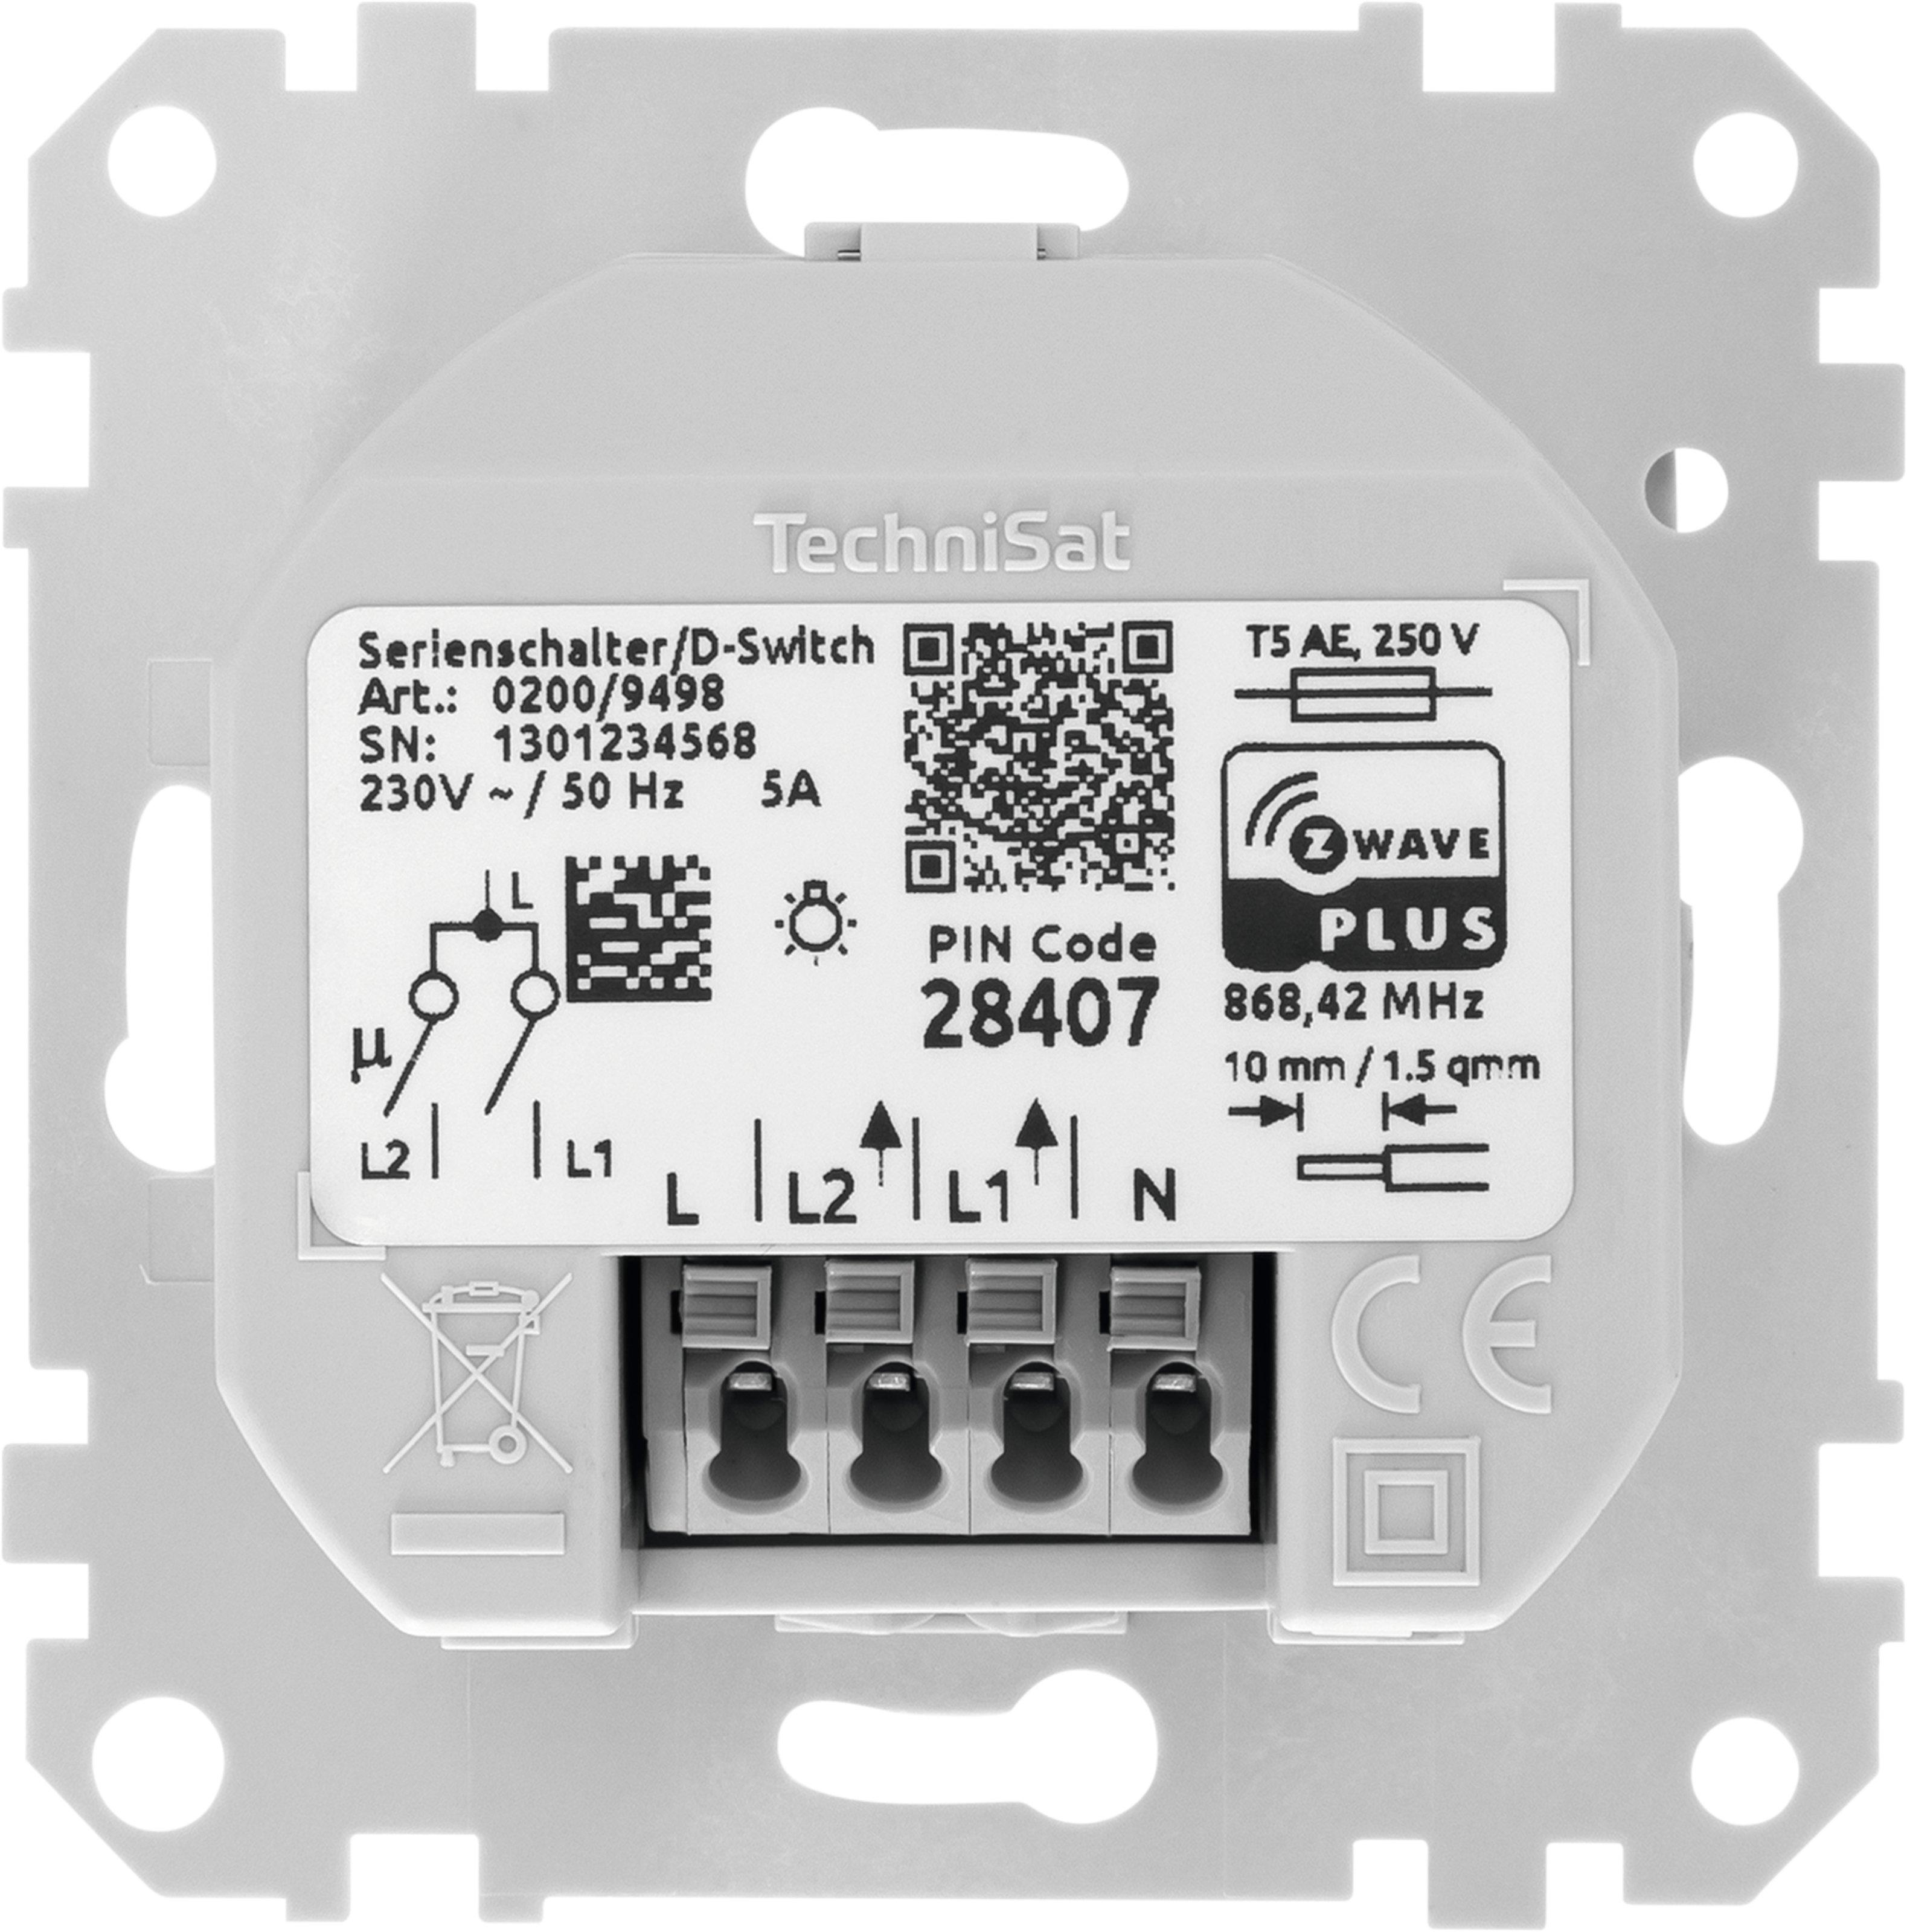 TechniSat Serienschalter Einsatz, Merten   ottosystem GmbH